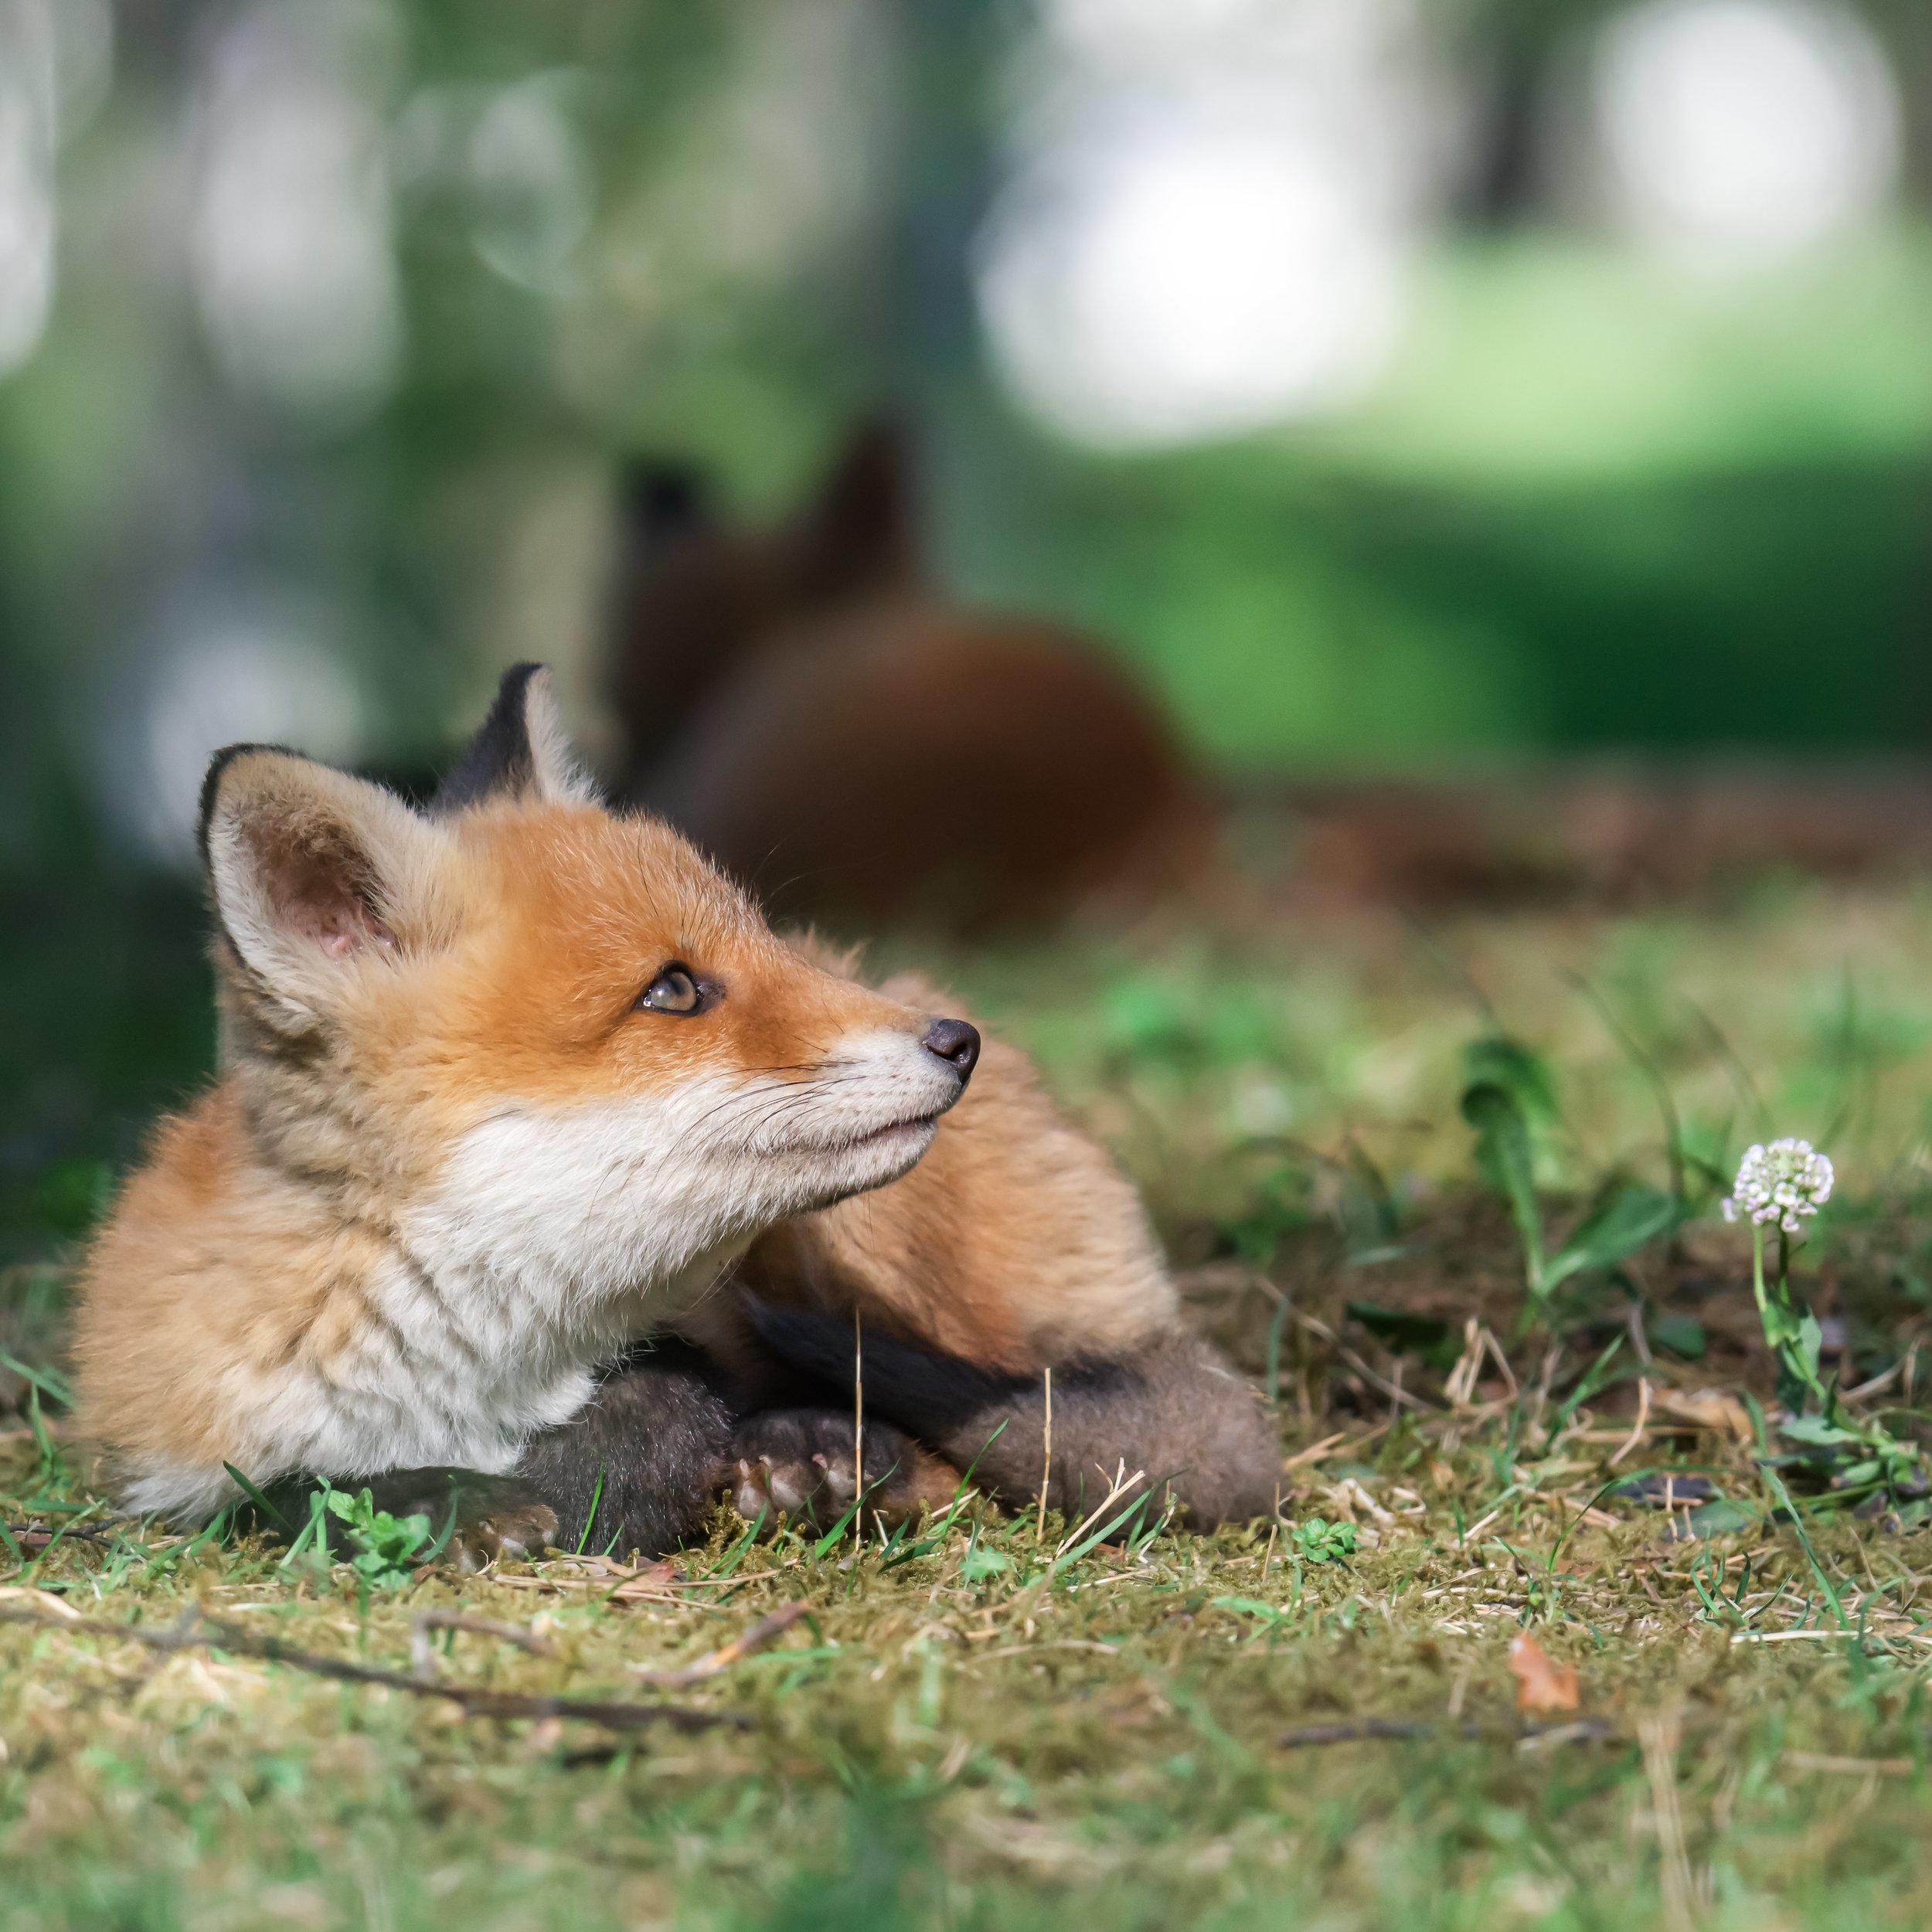 A fox cub enjoying a sunny day.